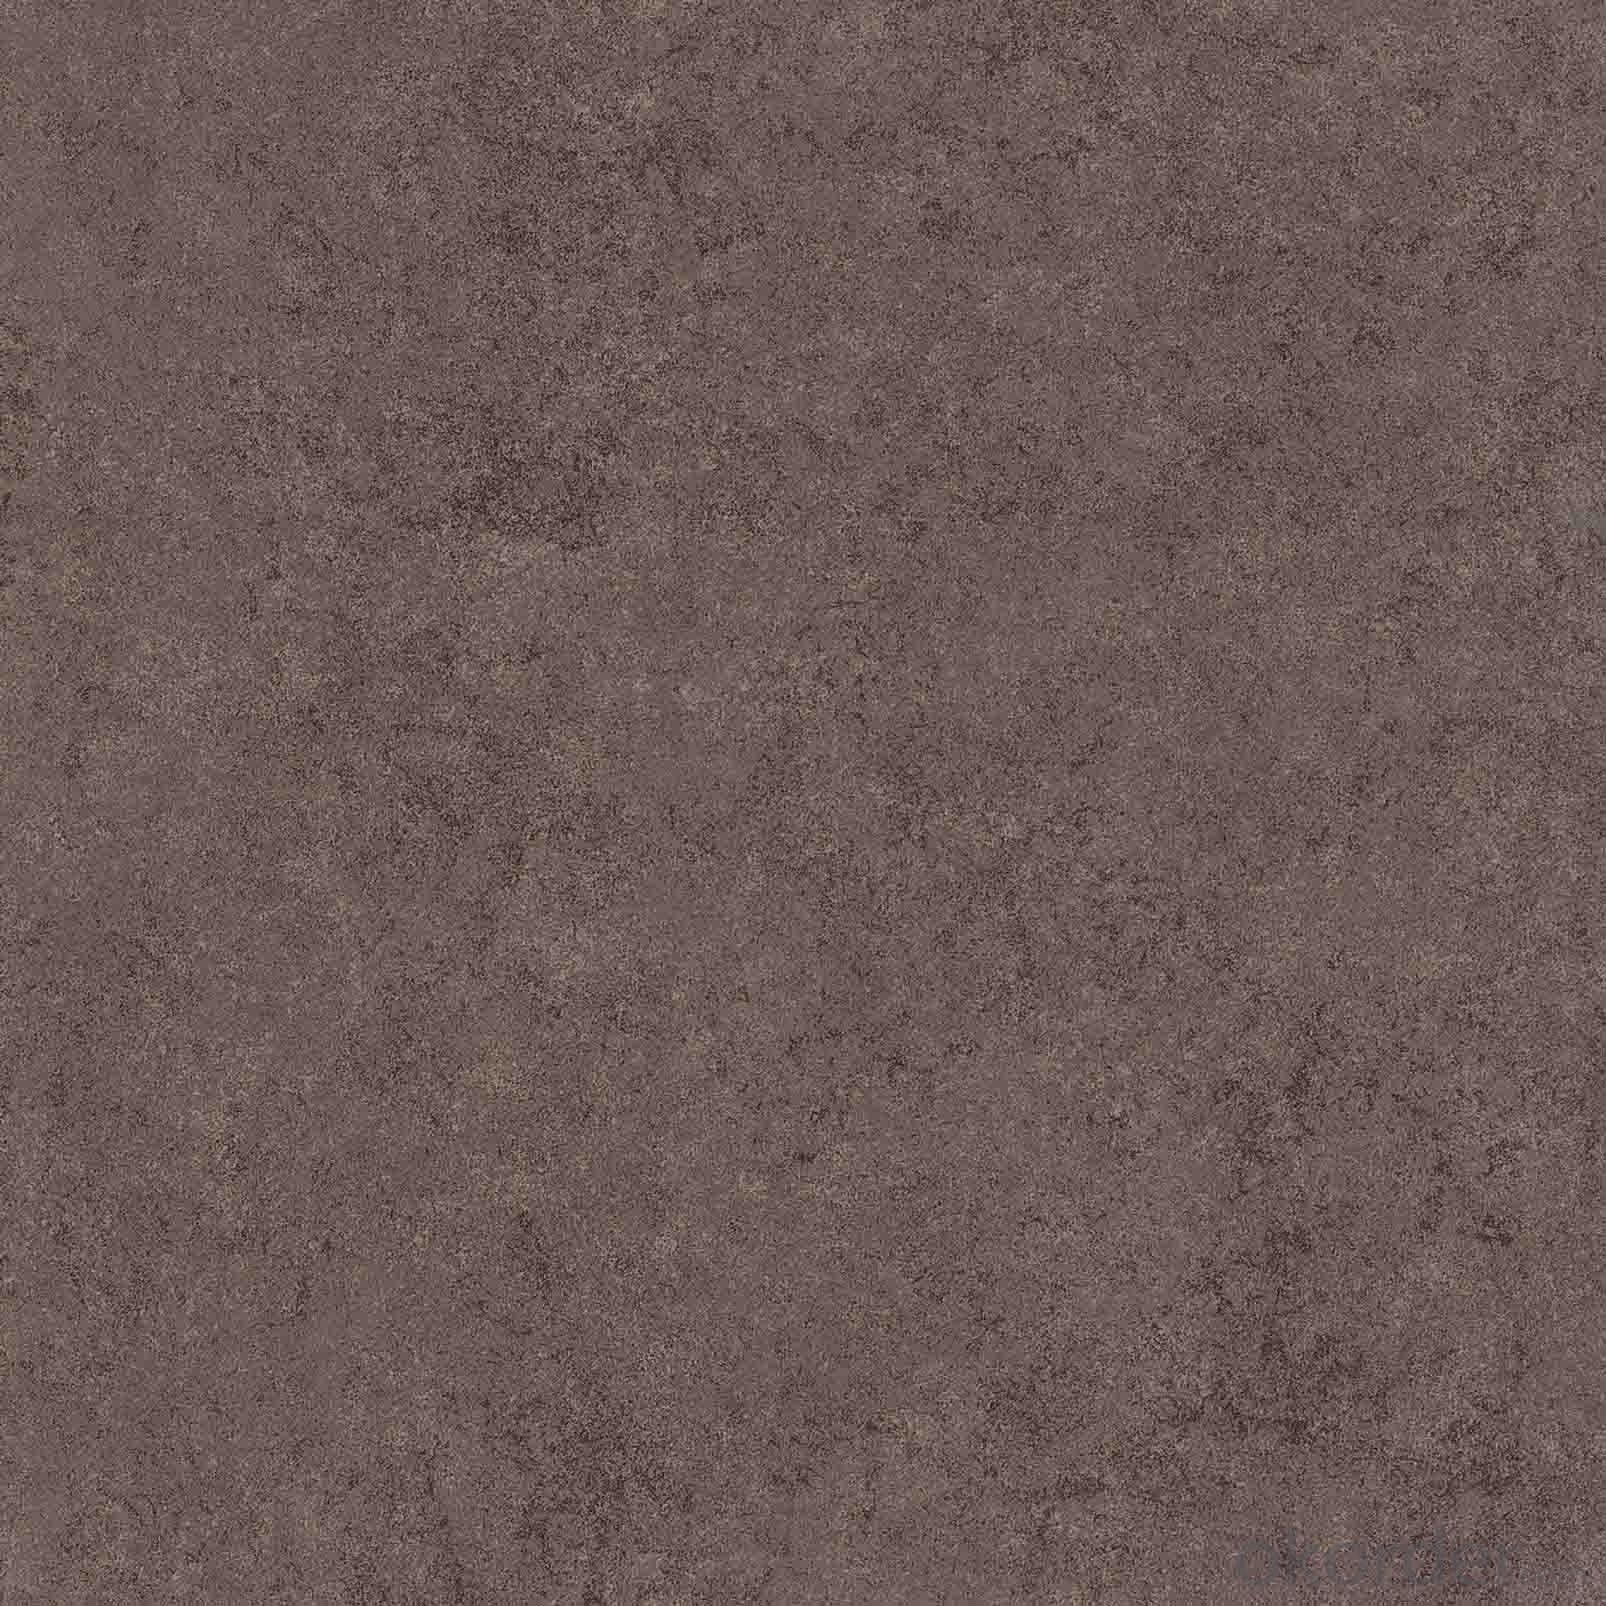 Glazed Porcelain Tile Cement Stone Series CS60K/60F